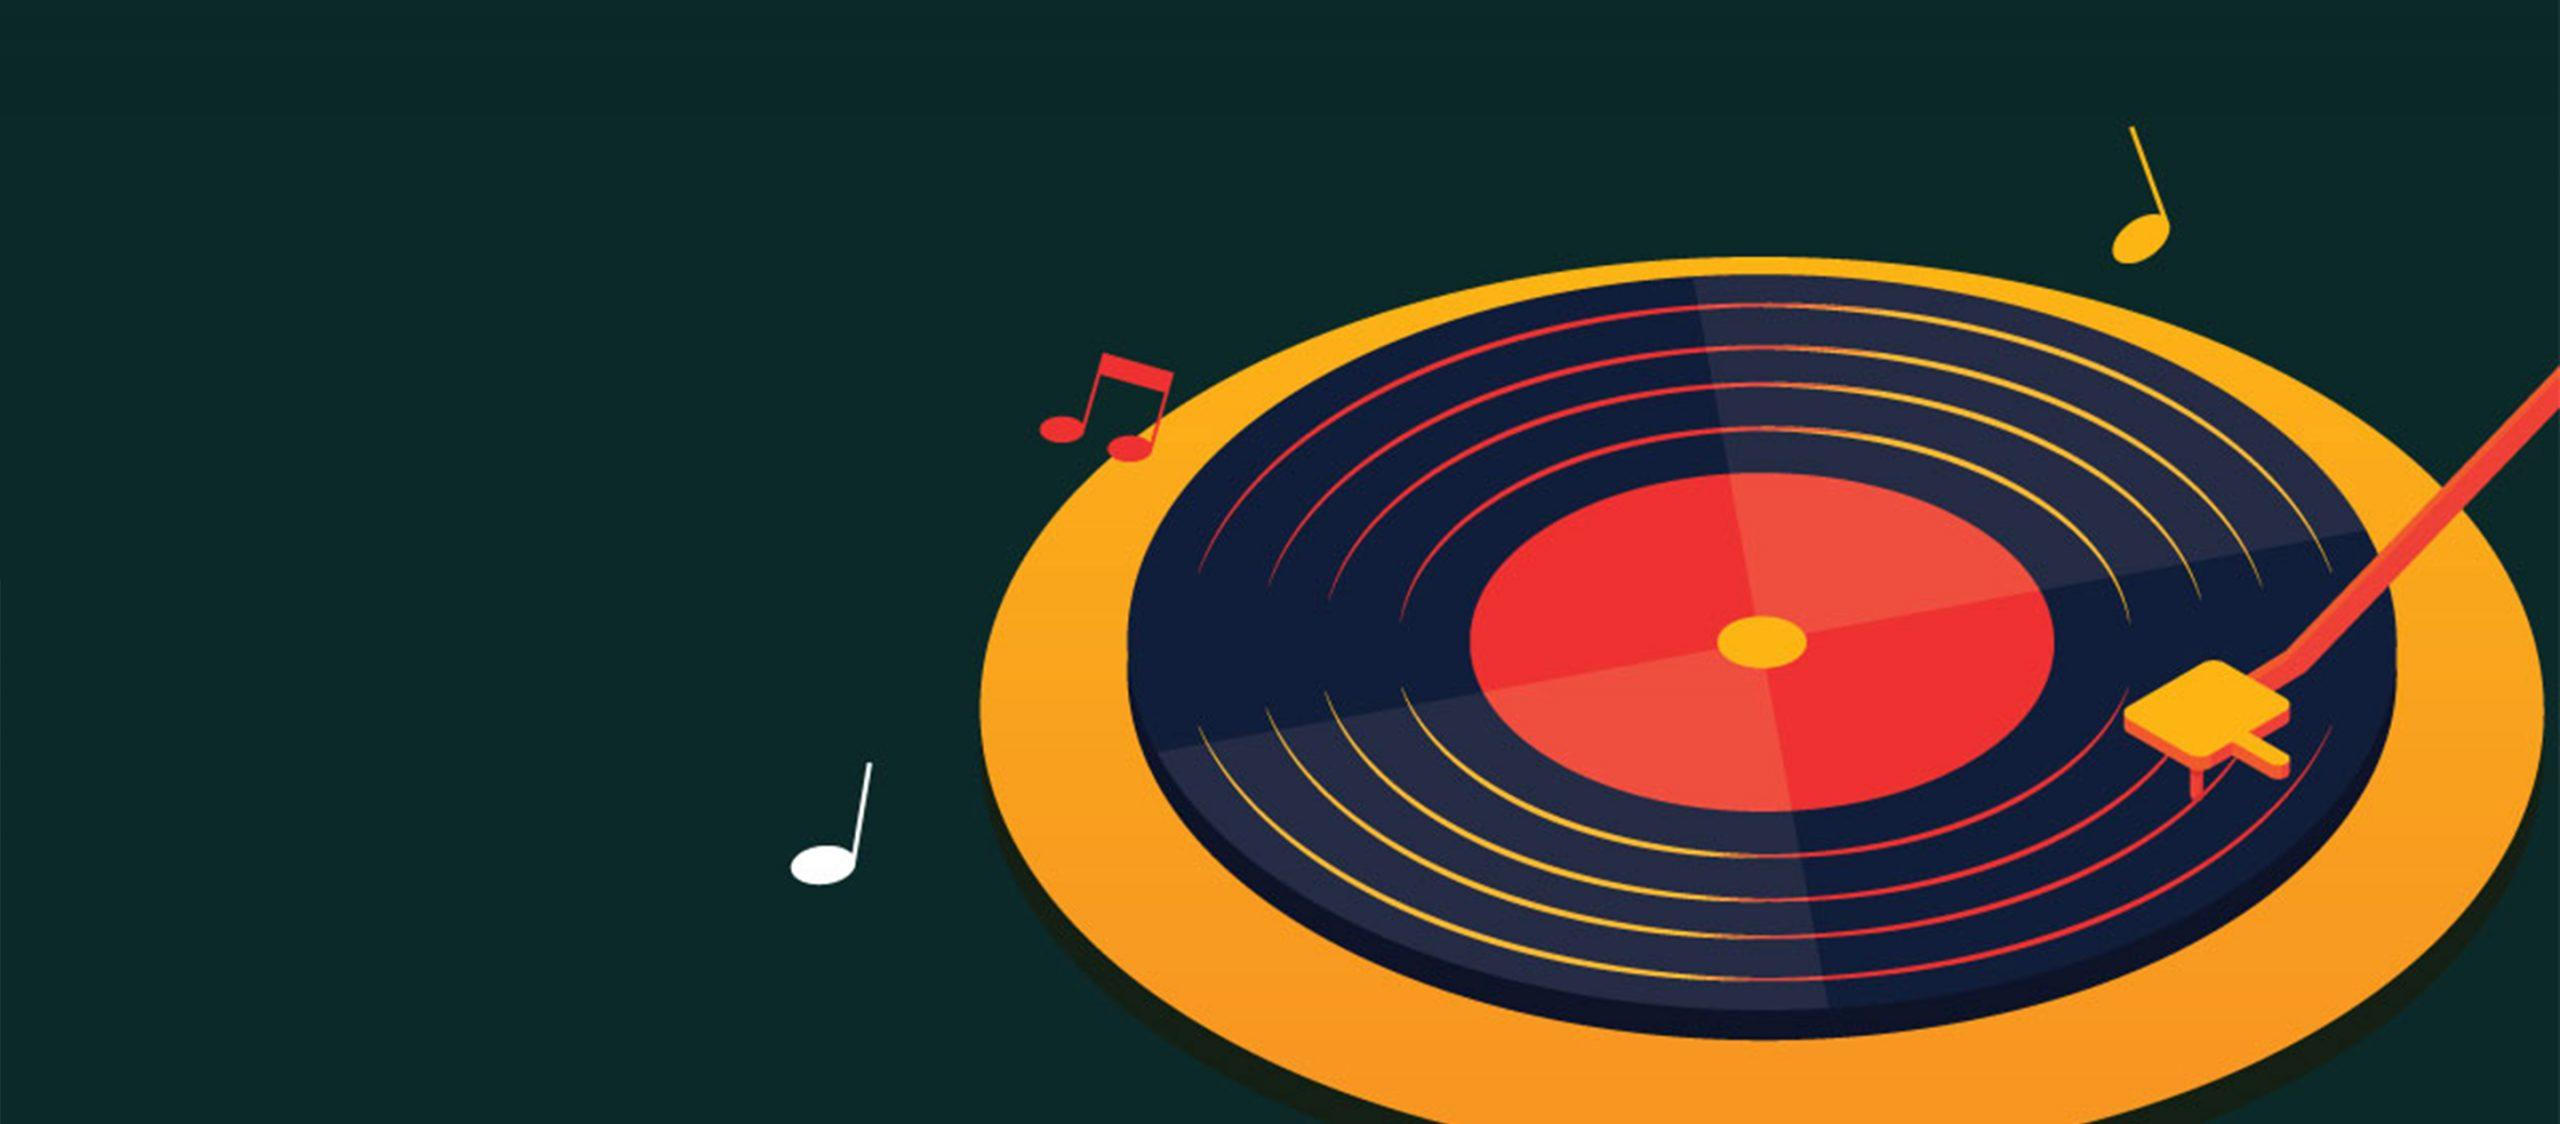 เพลงคือหวังและเพลงคือขุมพลังใจดีๆ เพลงแห่งปีของชาว a team